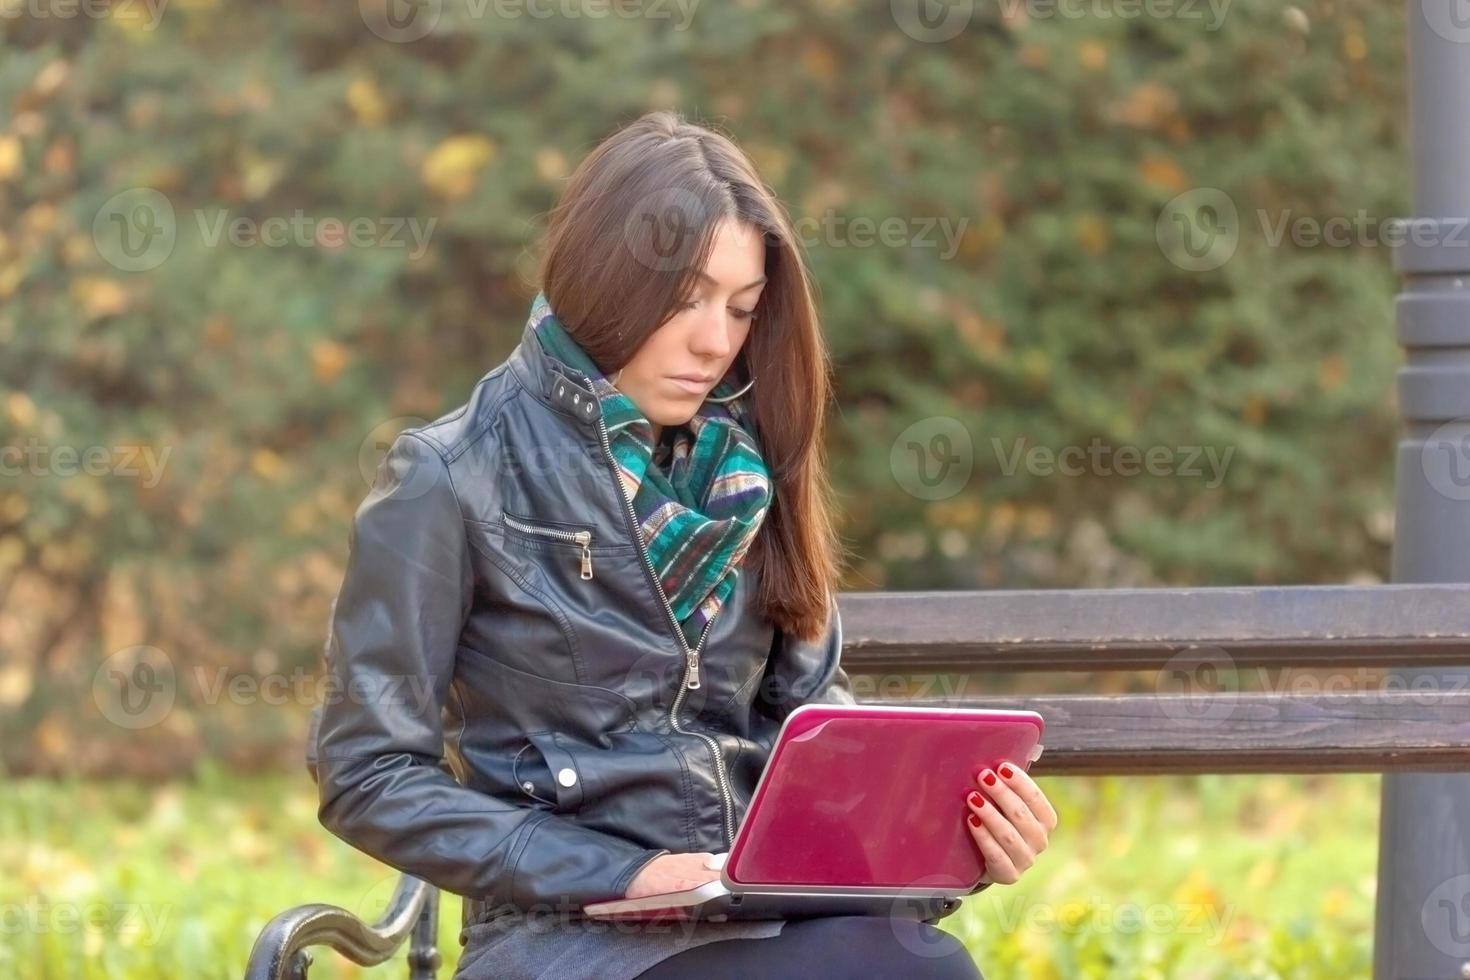 Srtudent use a laptop - learning otdoors photo